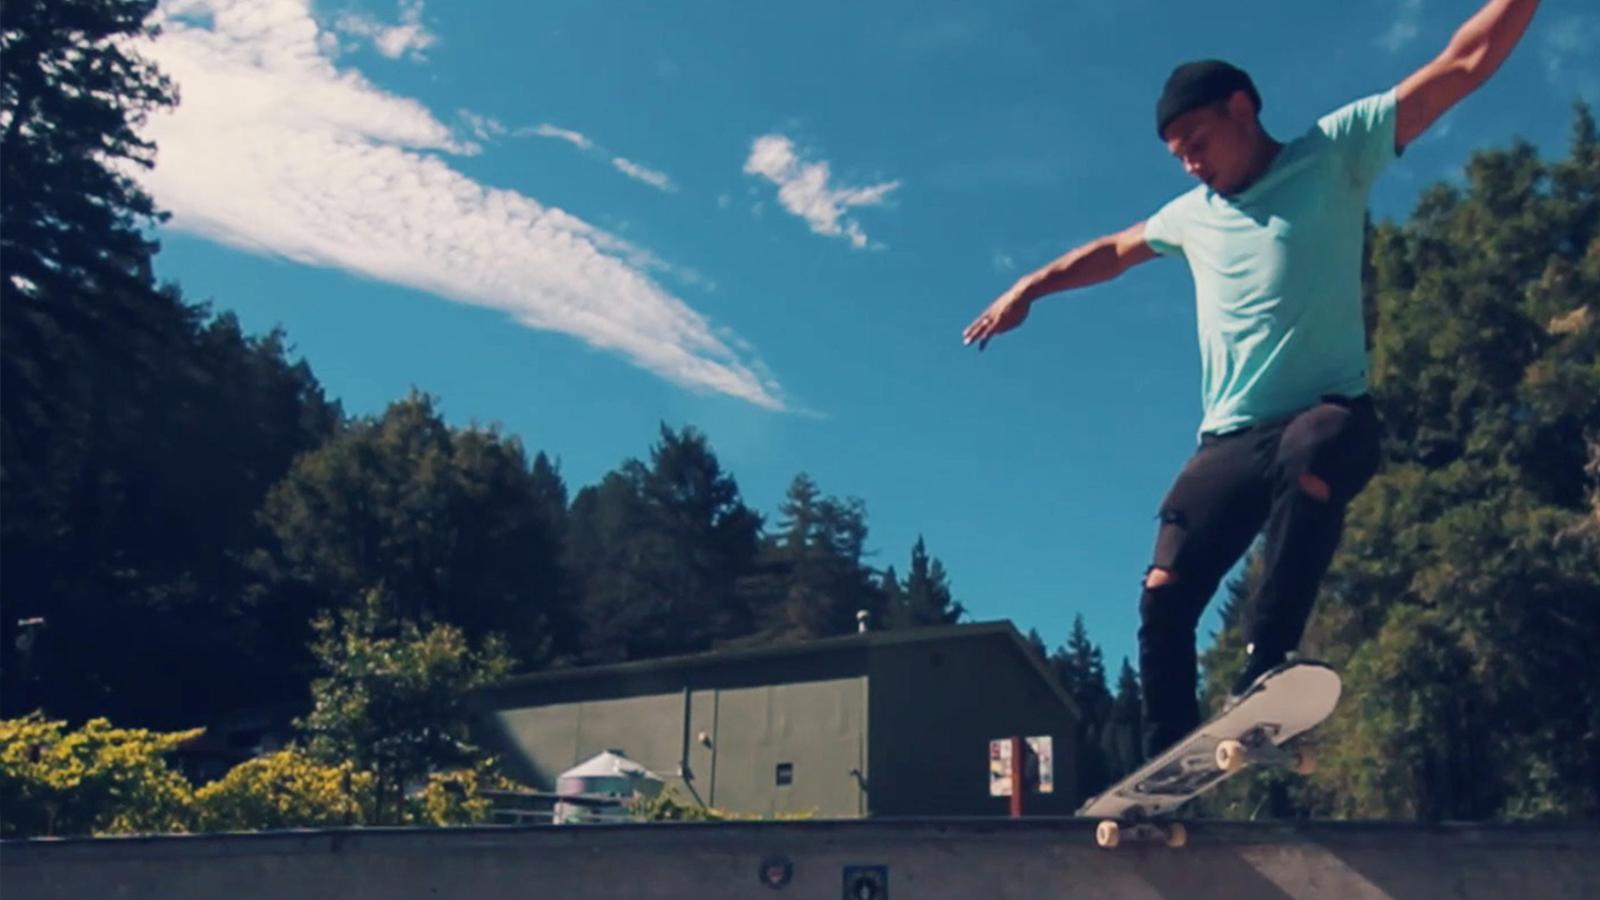 Capsule Skateboards Brand Profile3